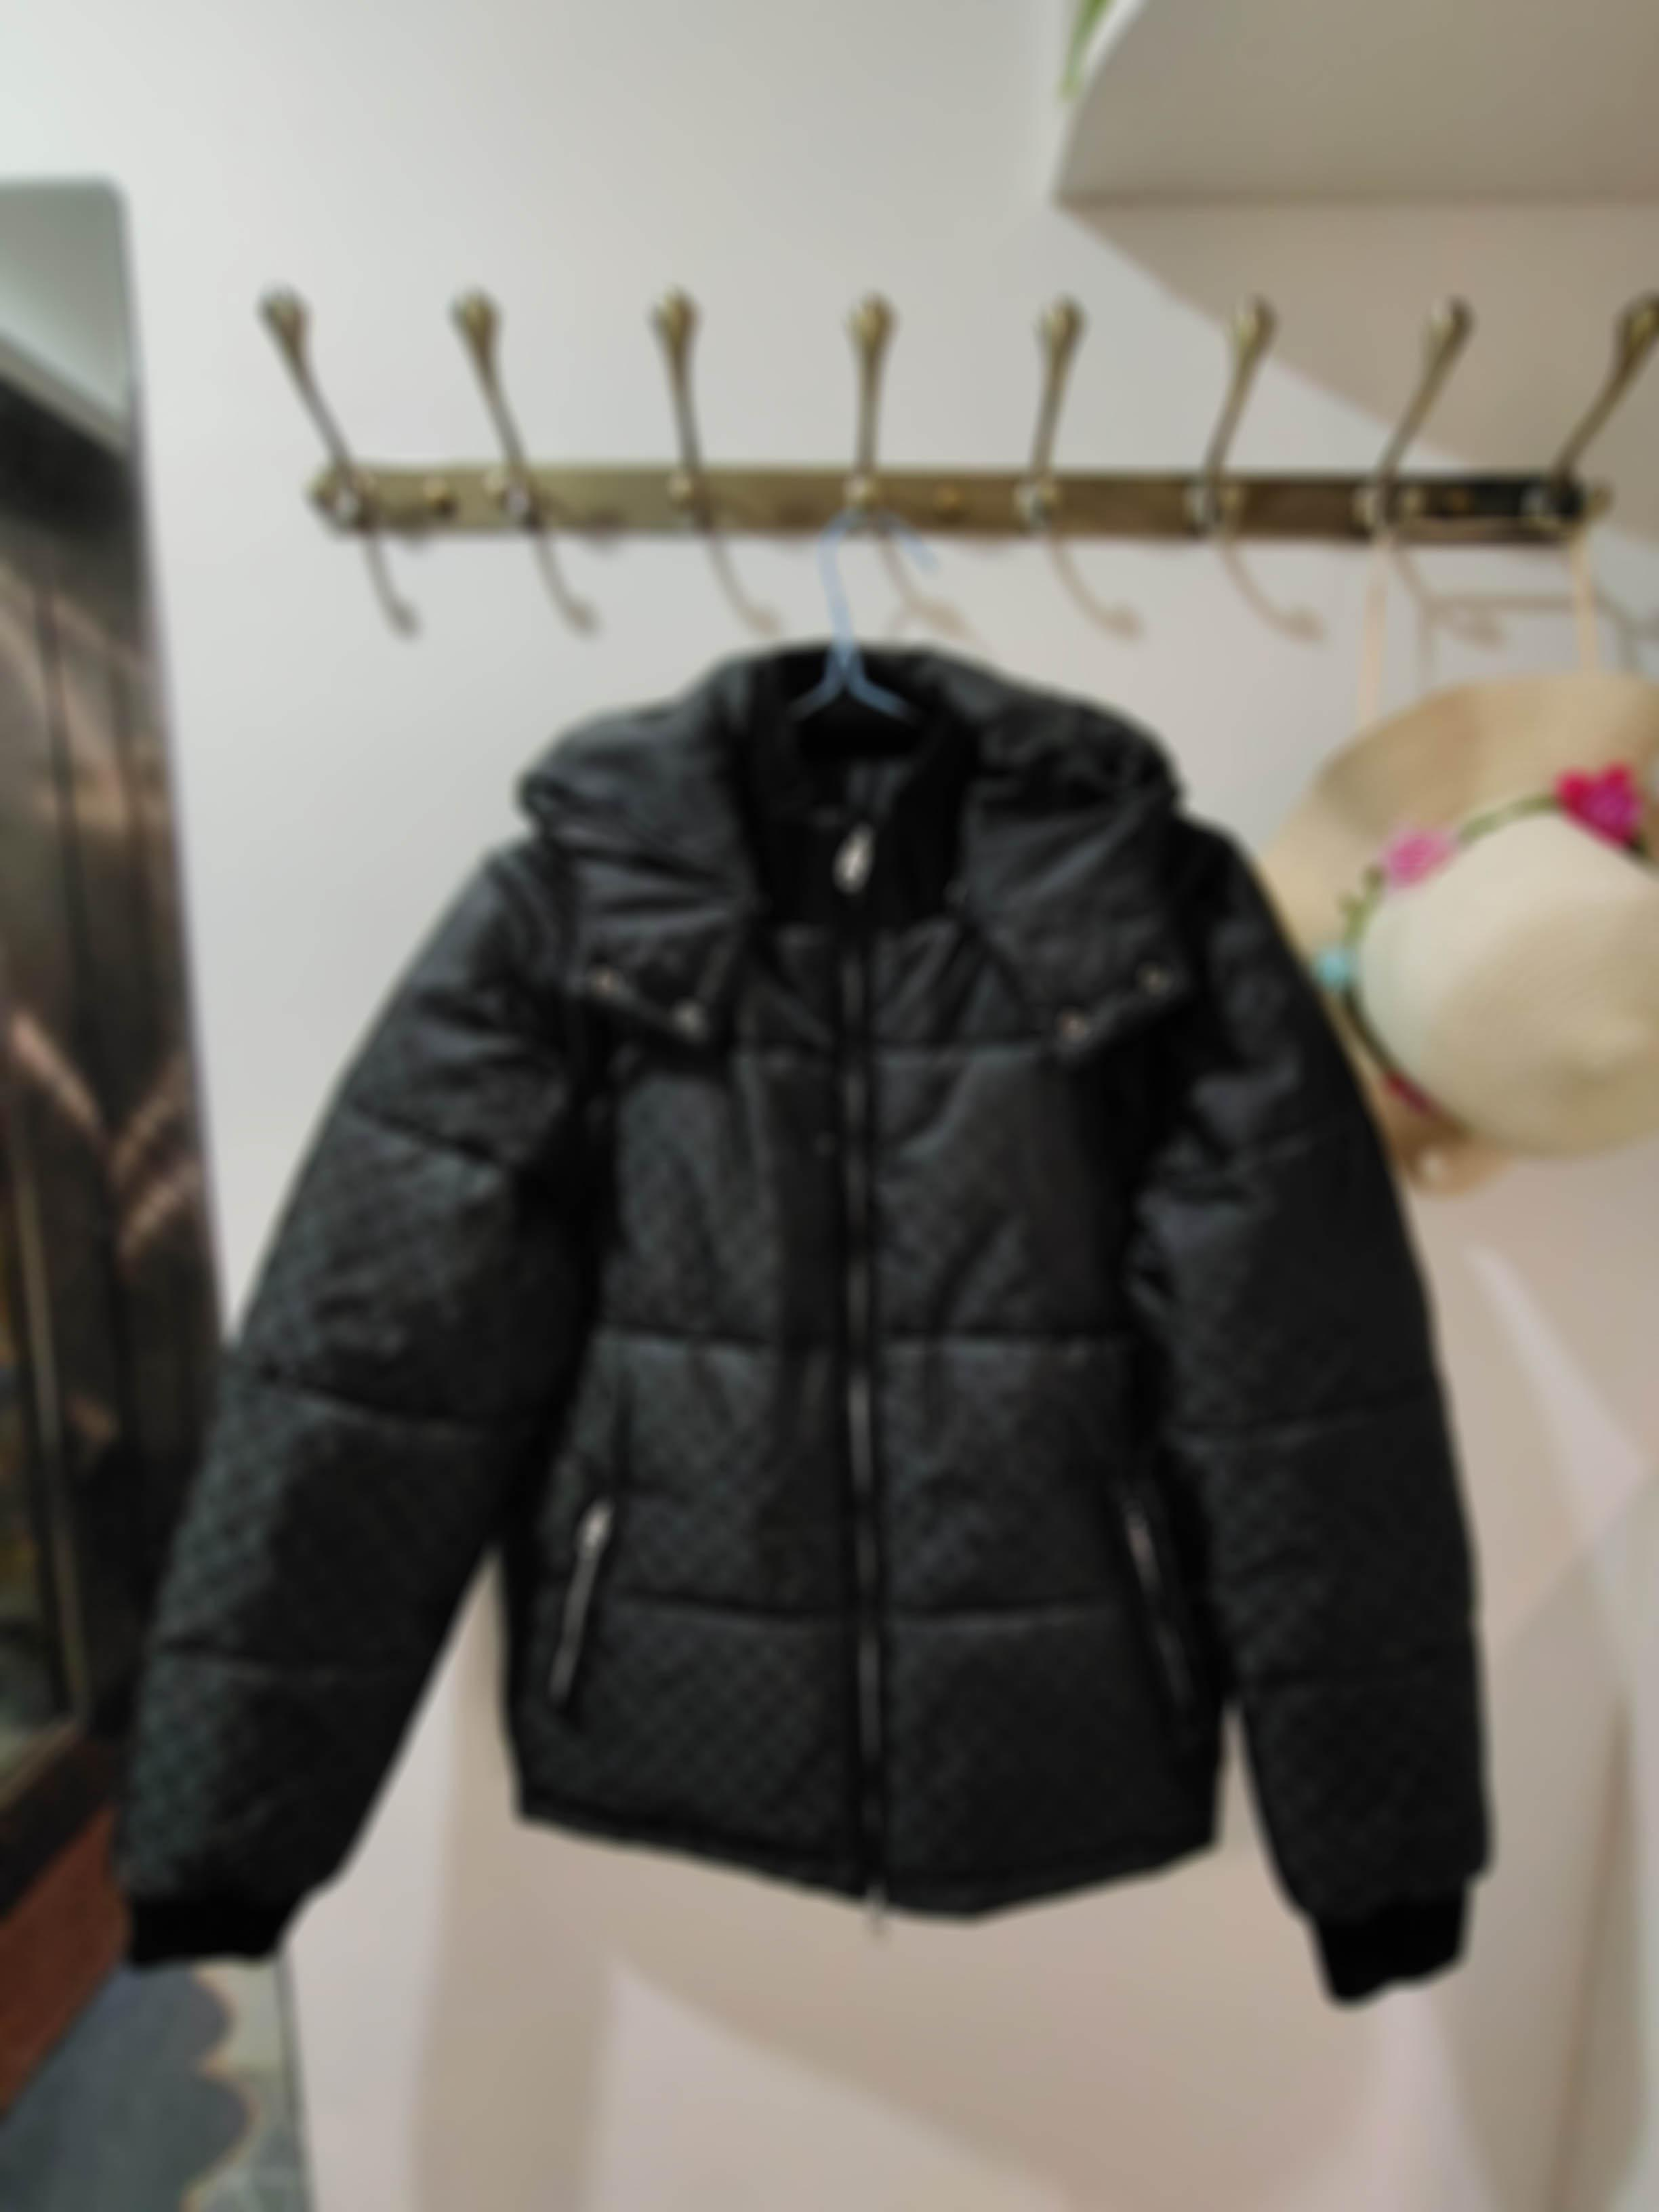 2021 New Winter Mens Jacket Fashion Trend Giack Giacca imbottita in cotone Coppia Coppia calda calda e donna Abbigliamento Giacche Abbigliamento S21